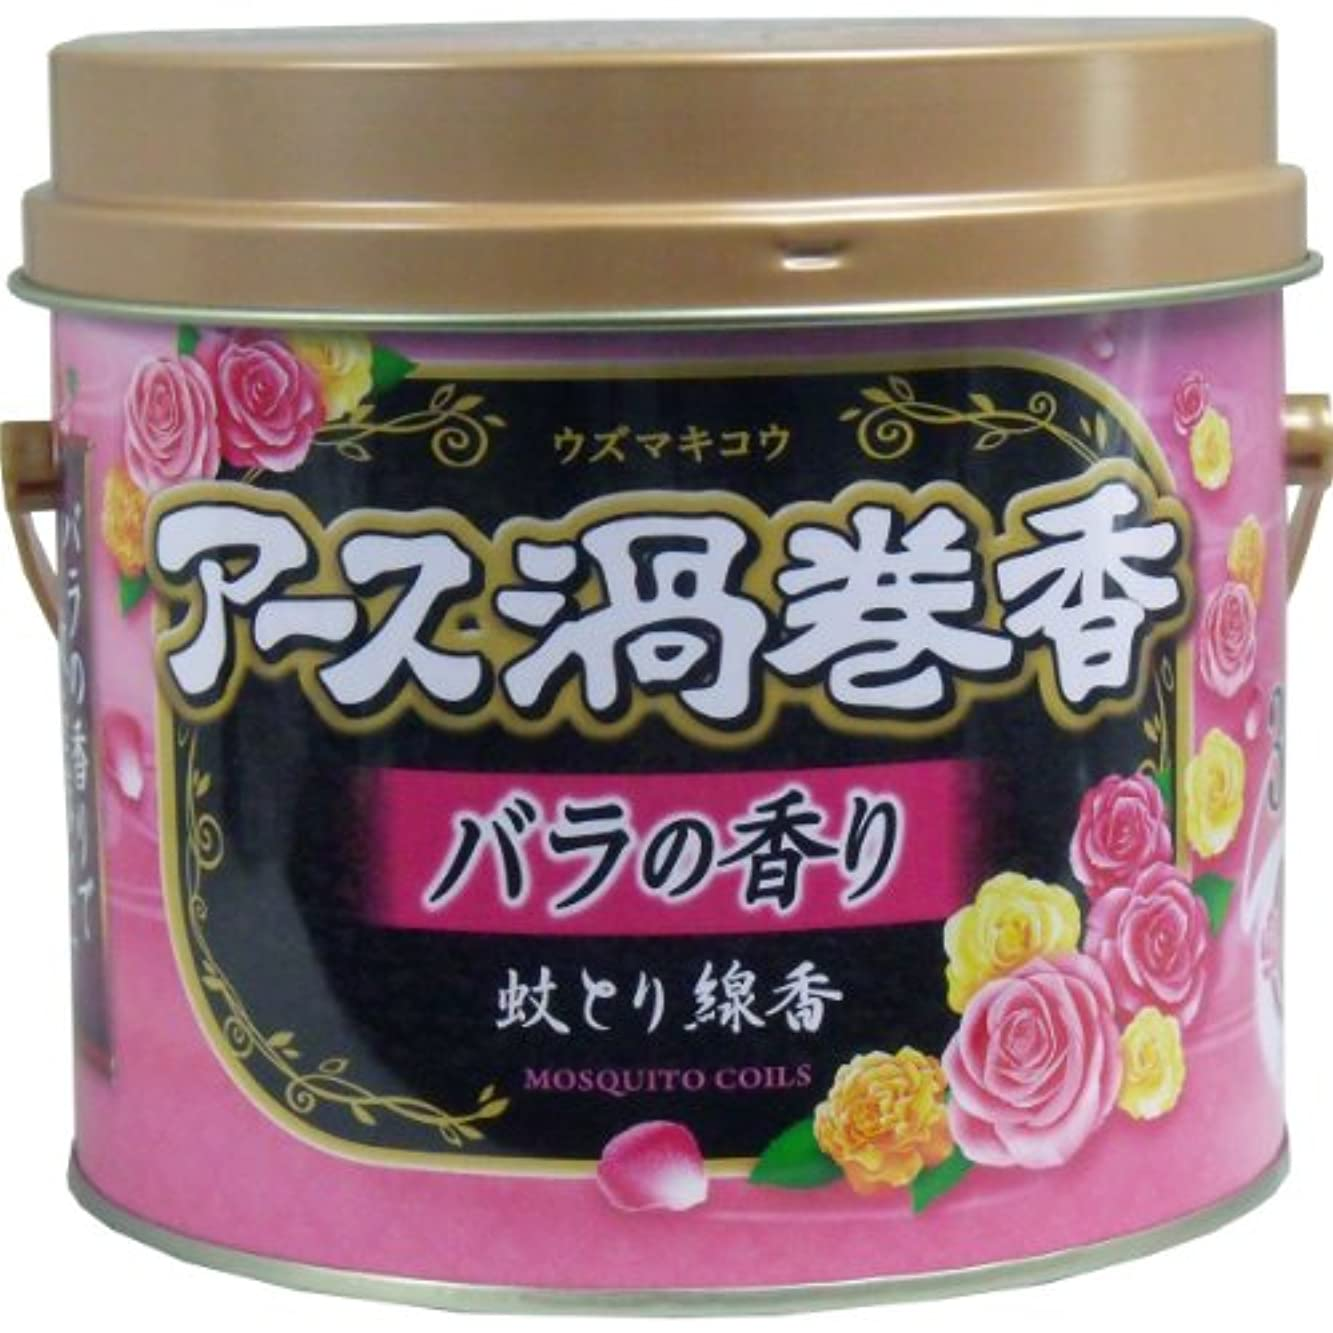 アフリカ人端末マウスアース渦巻香 バラの香り 30巻